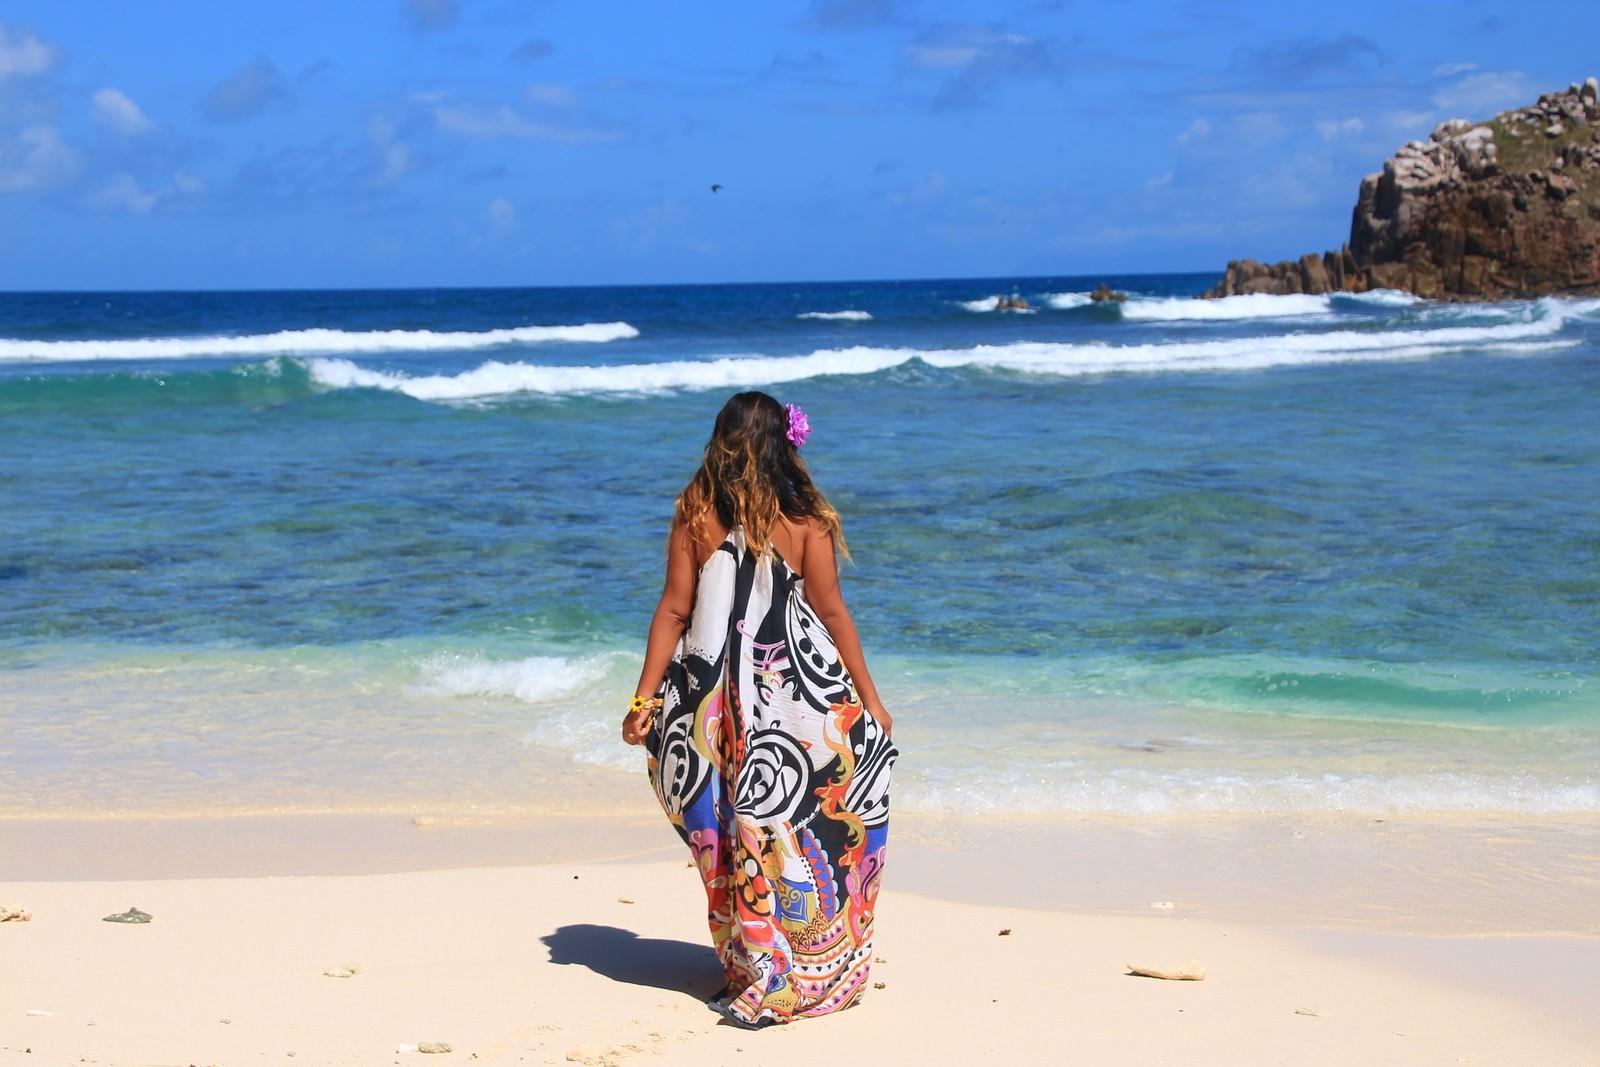 Kach in Seychelles